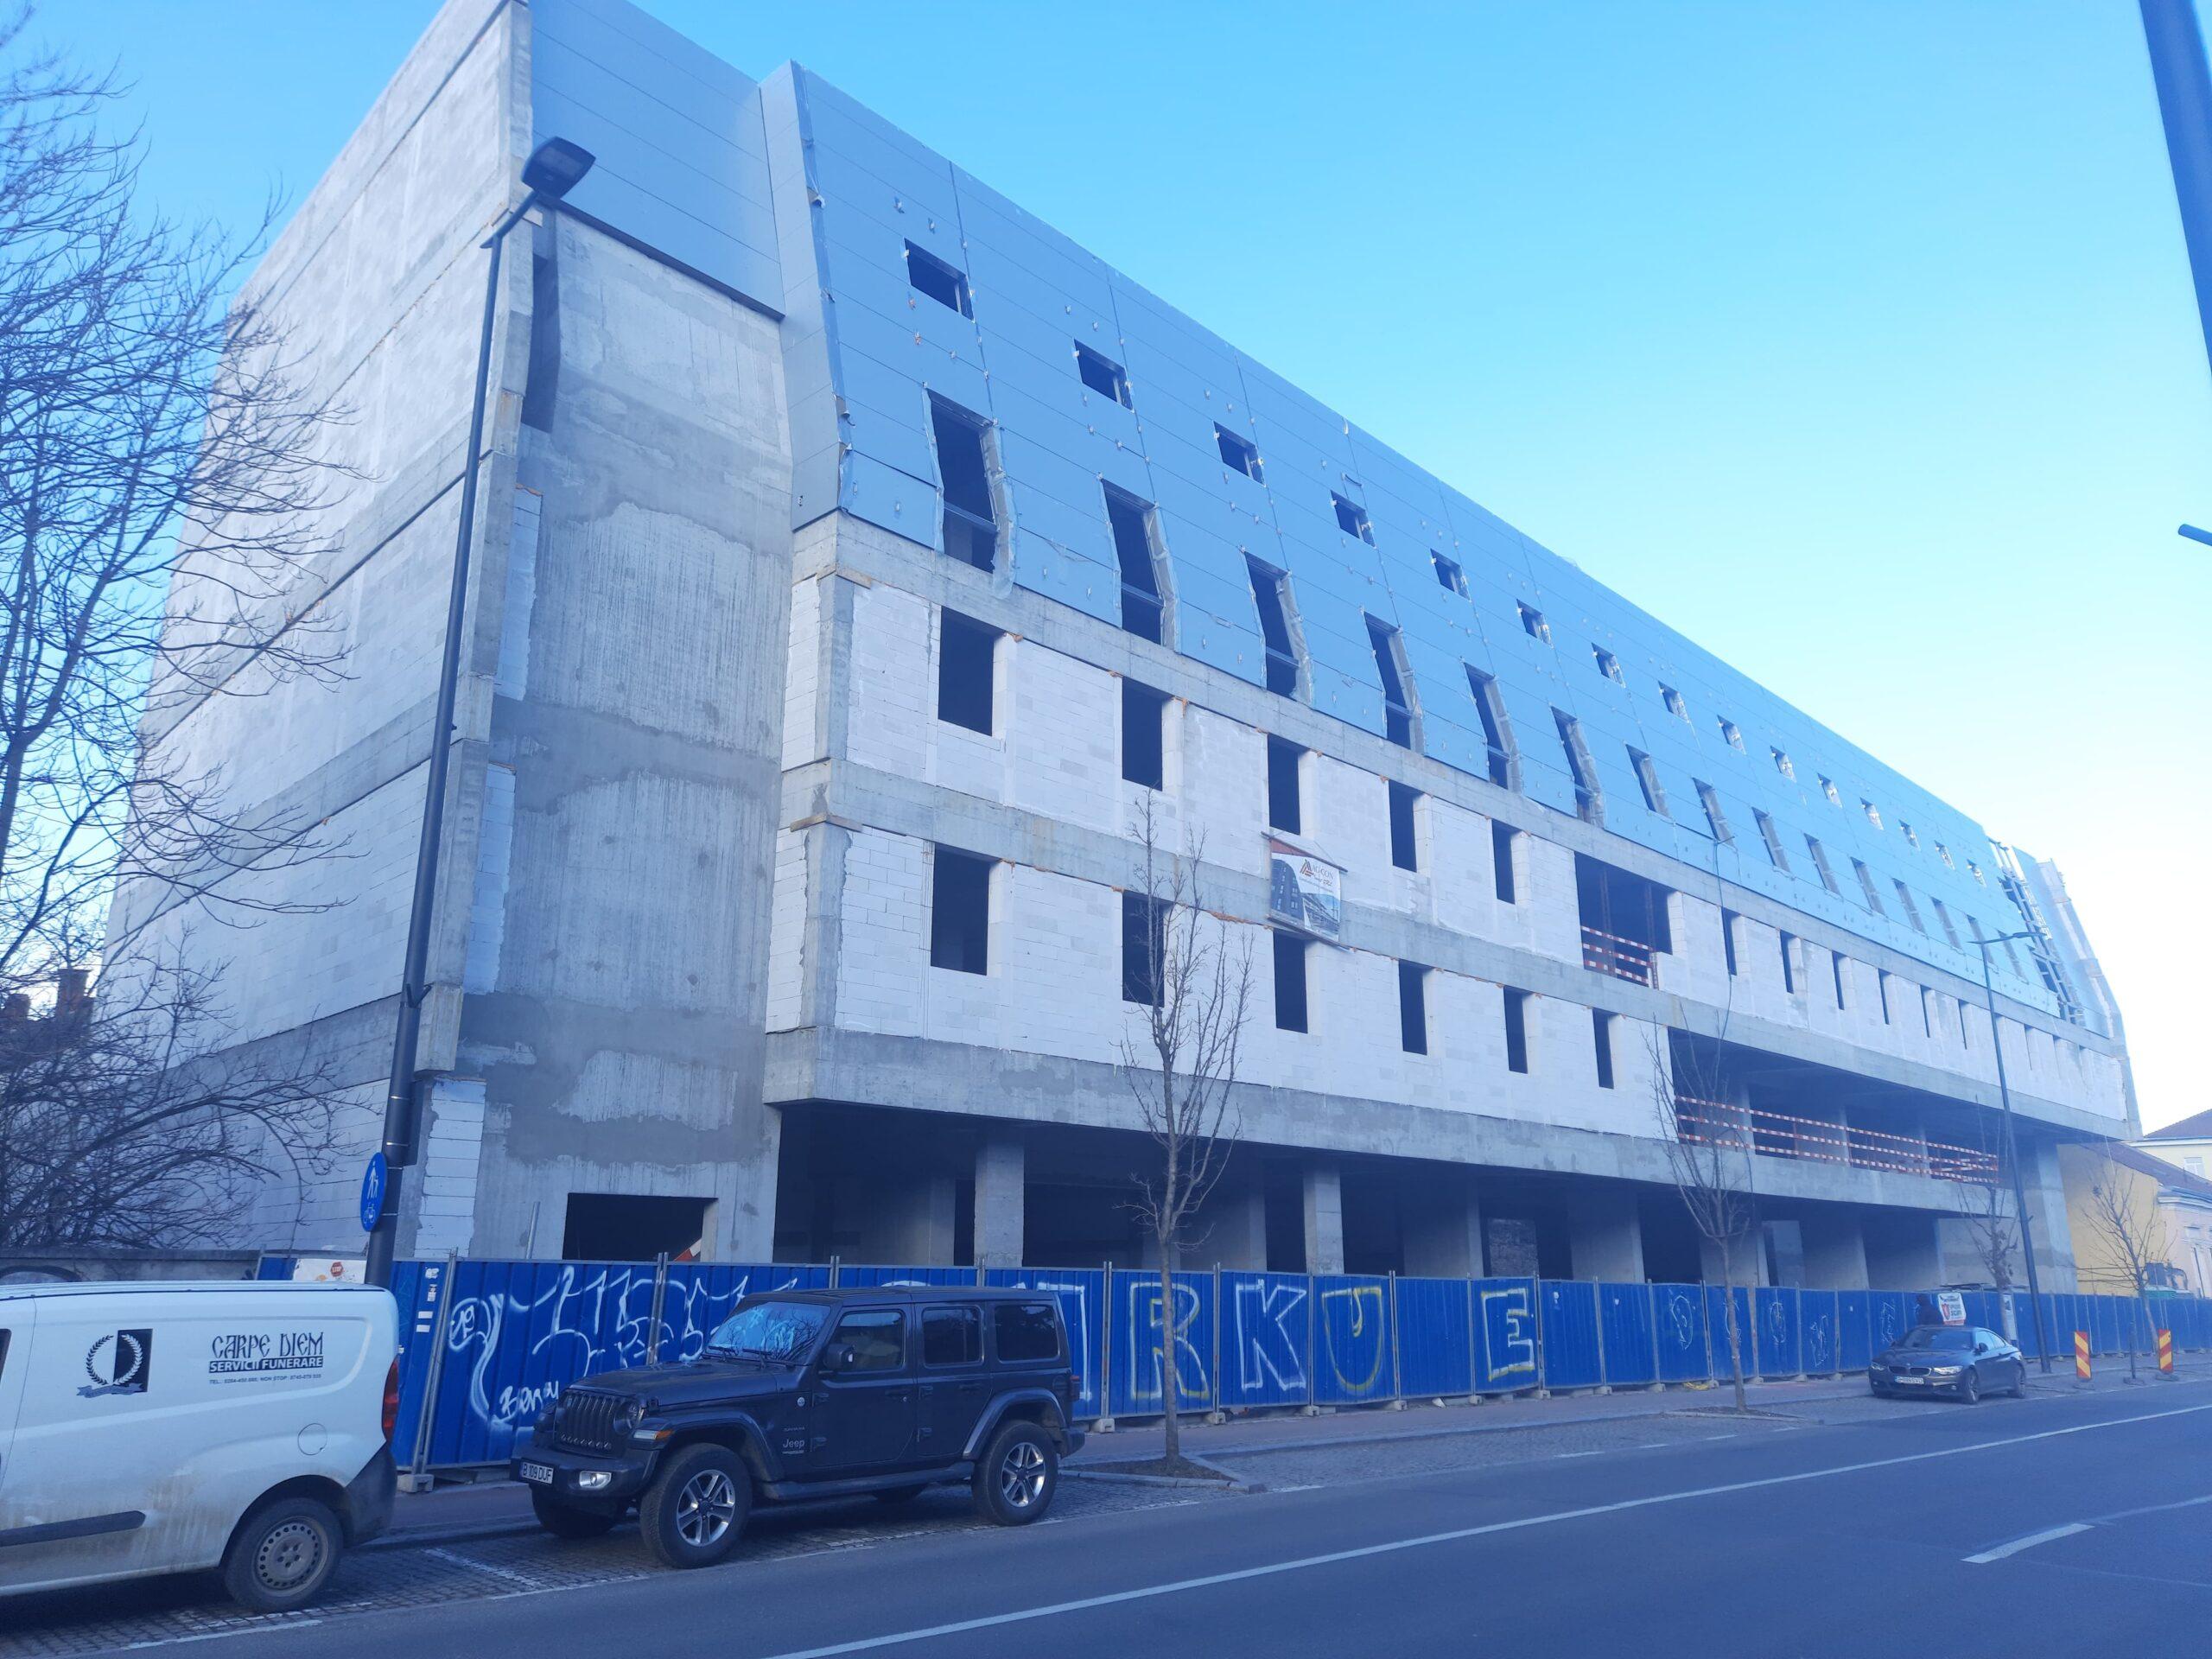 """Primarul Boc, despre controversatul hotel de pe str. Avram Iancu: """"Proiectul a fost respins de trei ori la Cluj și aprobat la București. Legal nu mai avem ce face"""""""